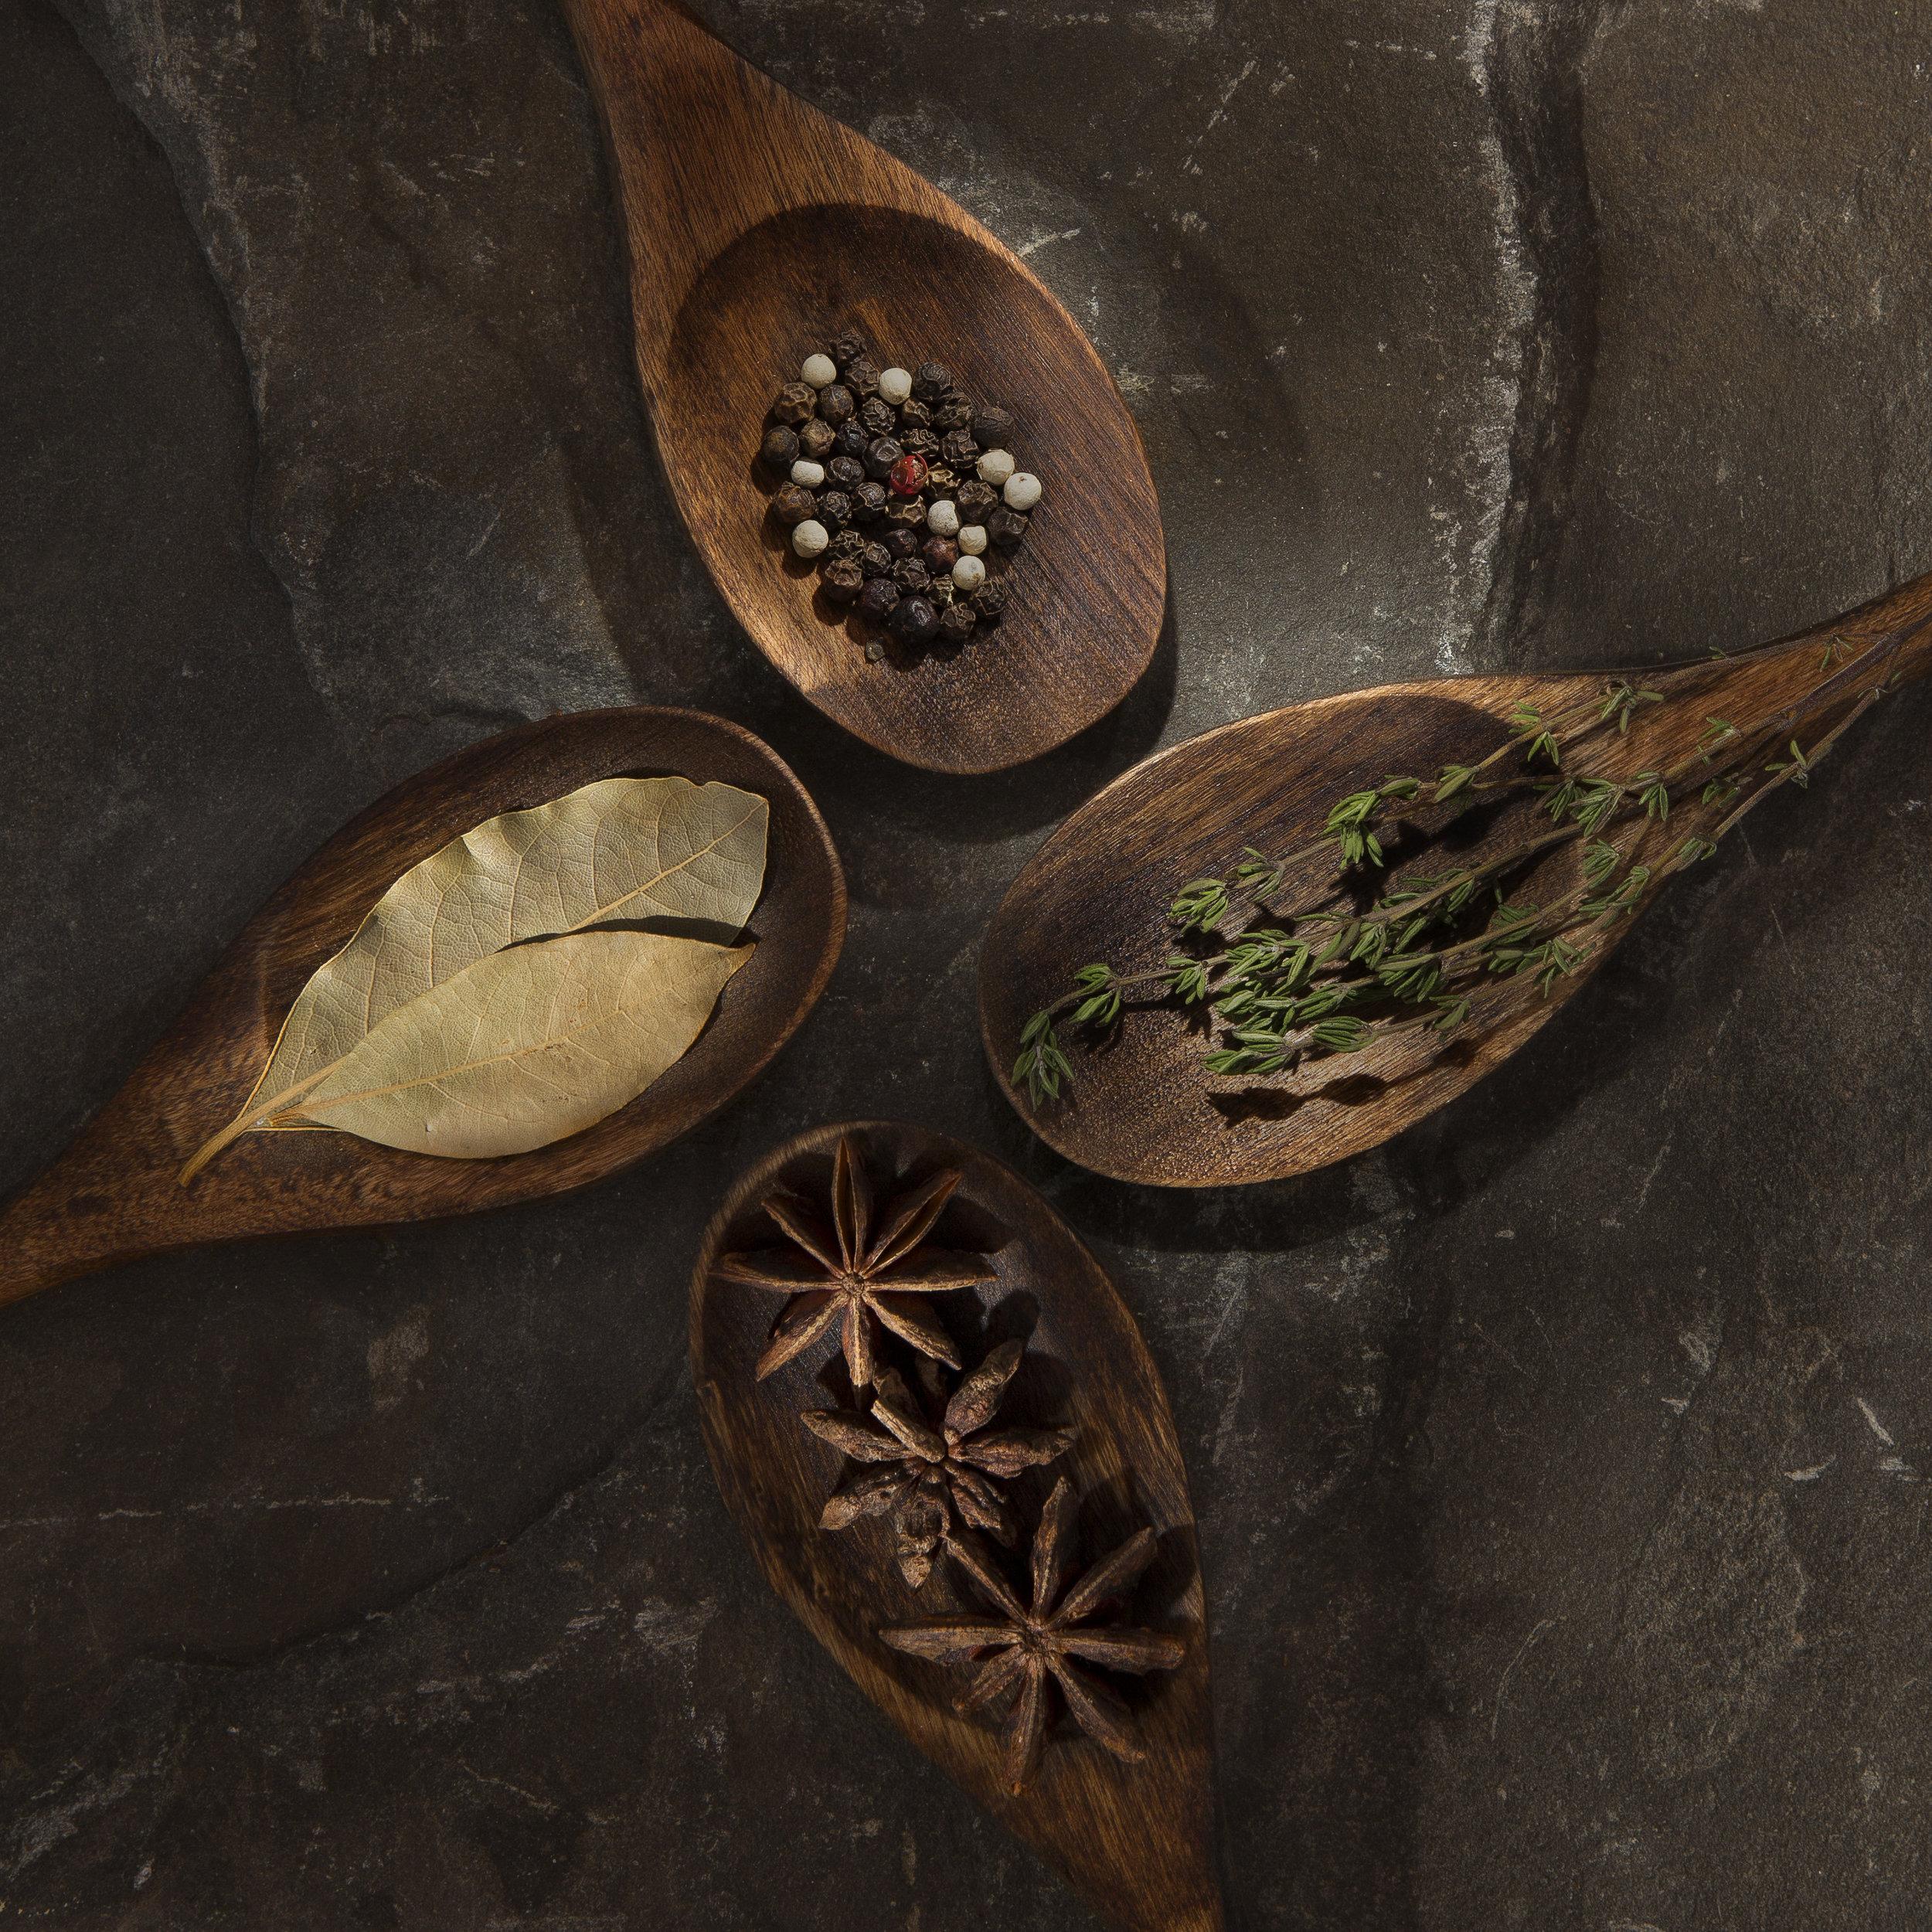 web-image-food-.jpg